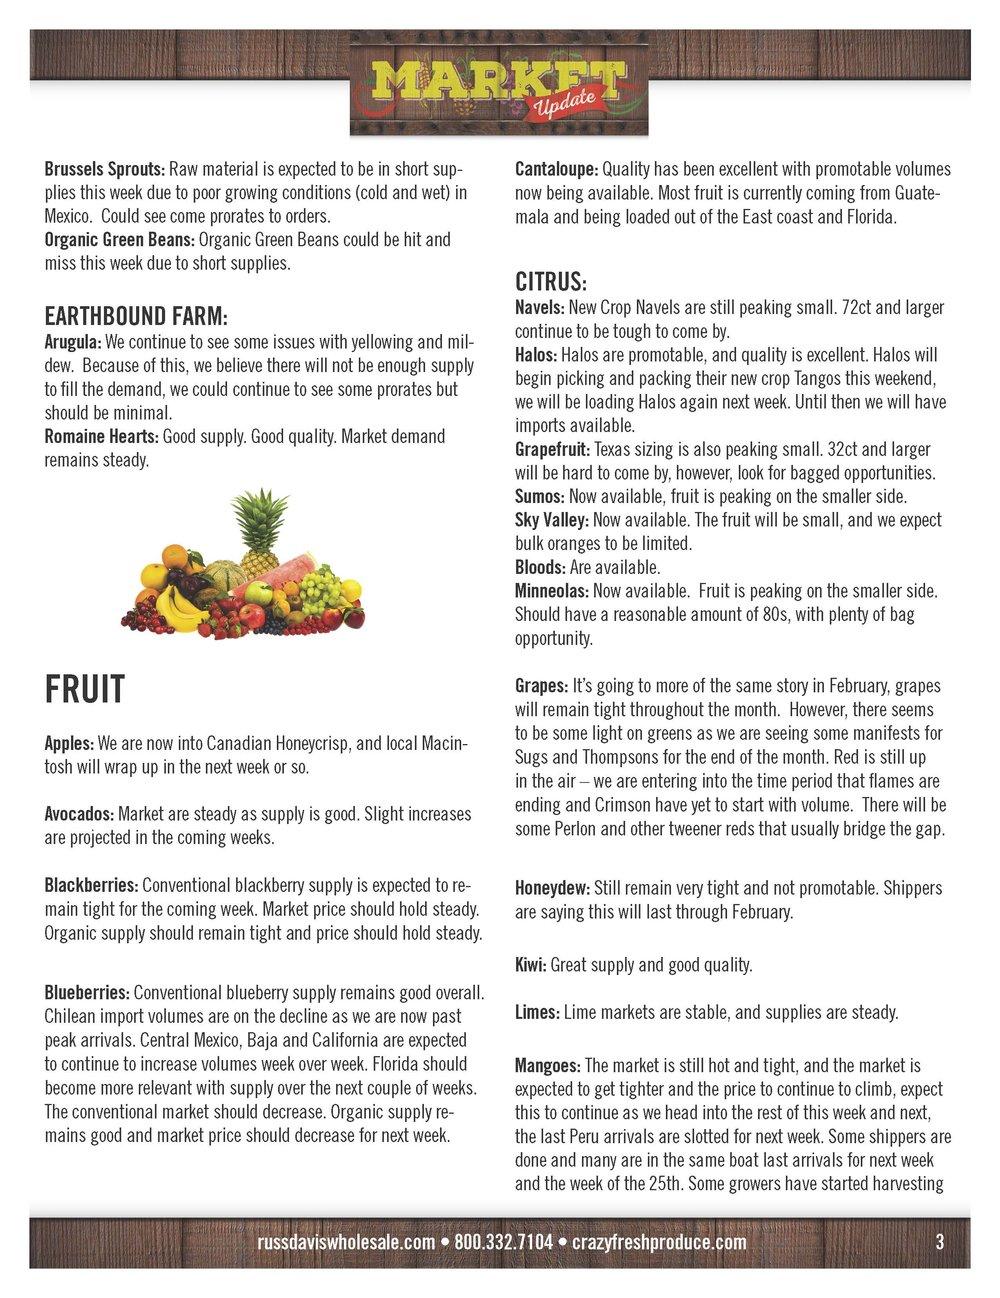 RDW_Market_Update_Feb14_19_Page_3.jpg